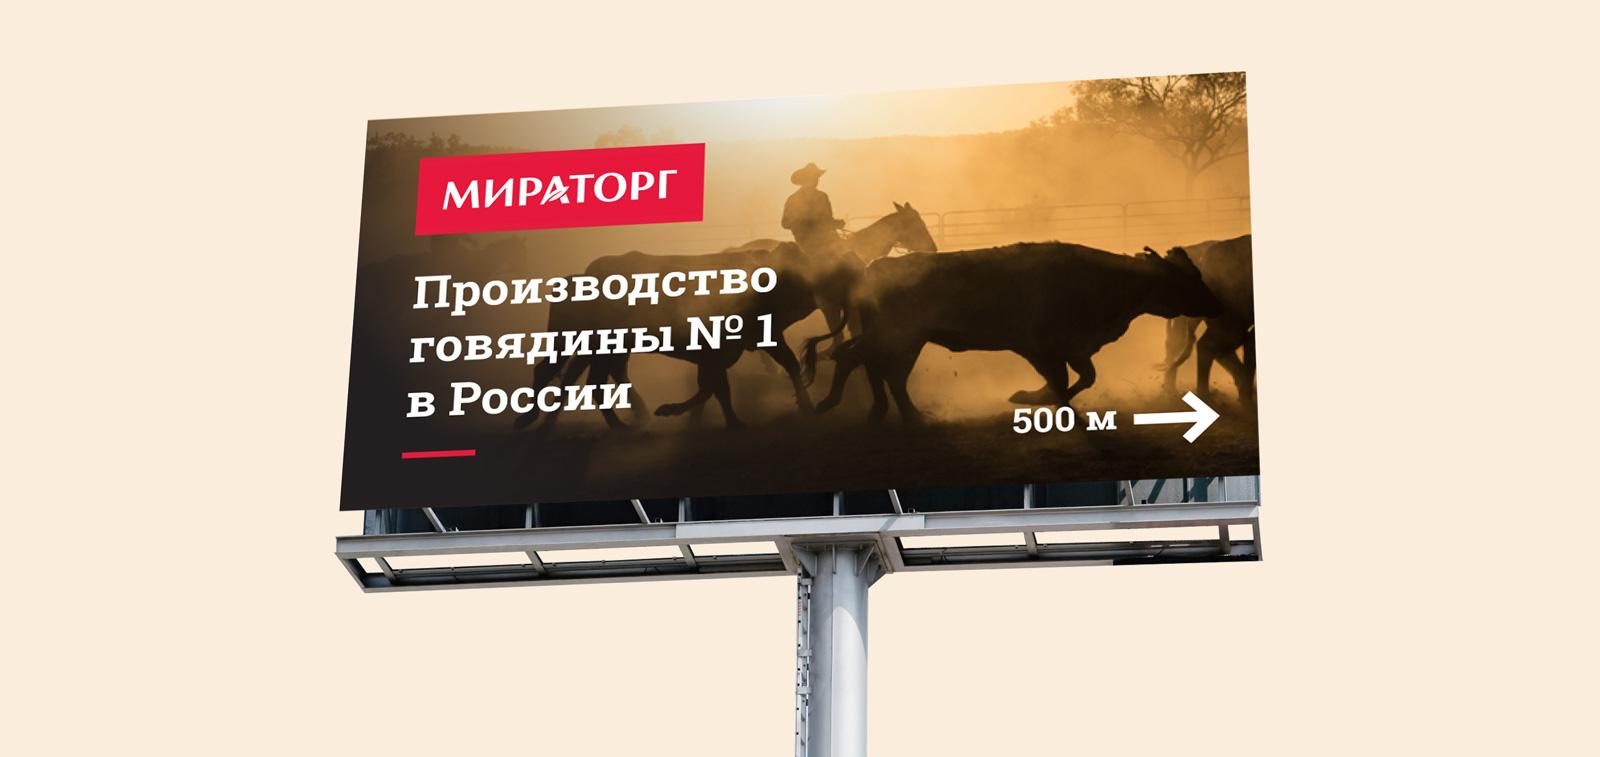 Дизайн наружной рекламы корпоративного бренда «Мираторг»